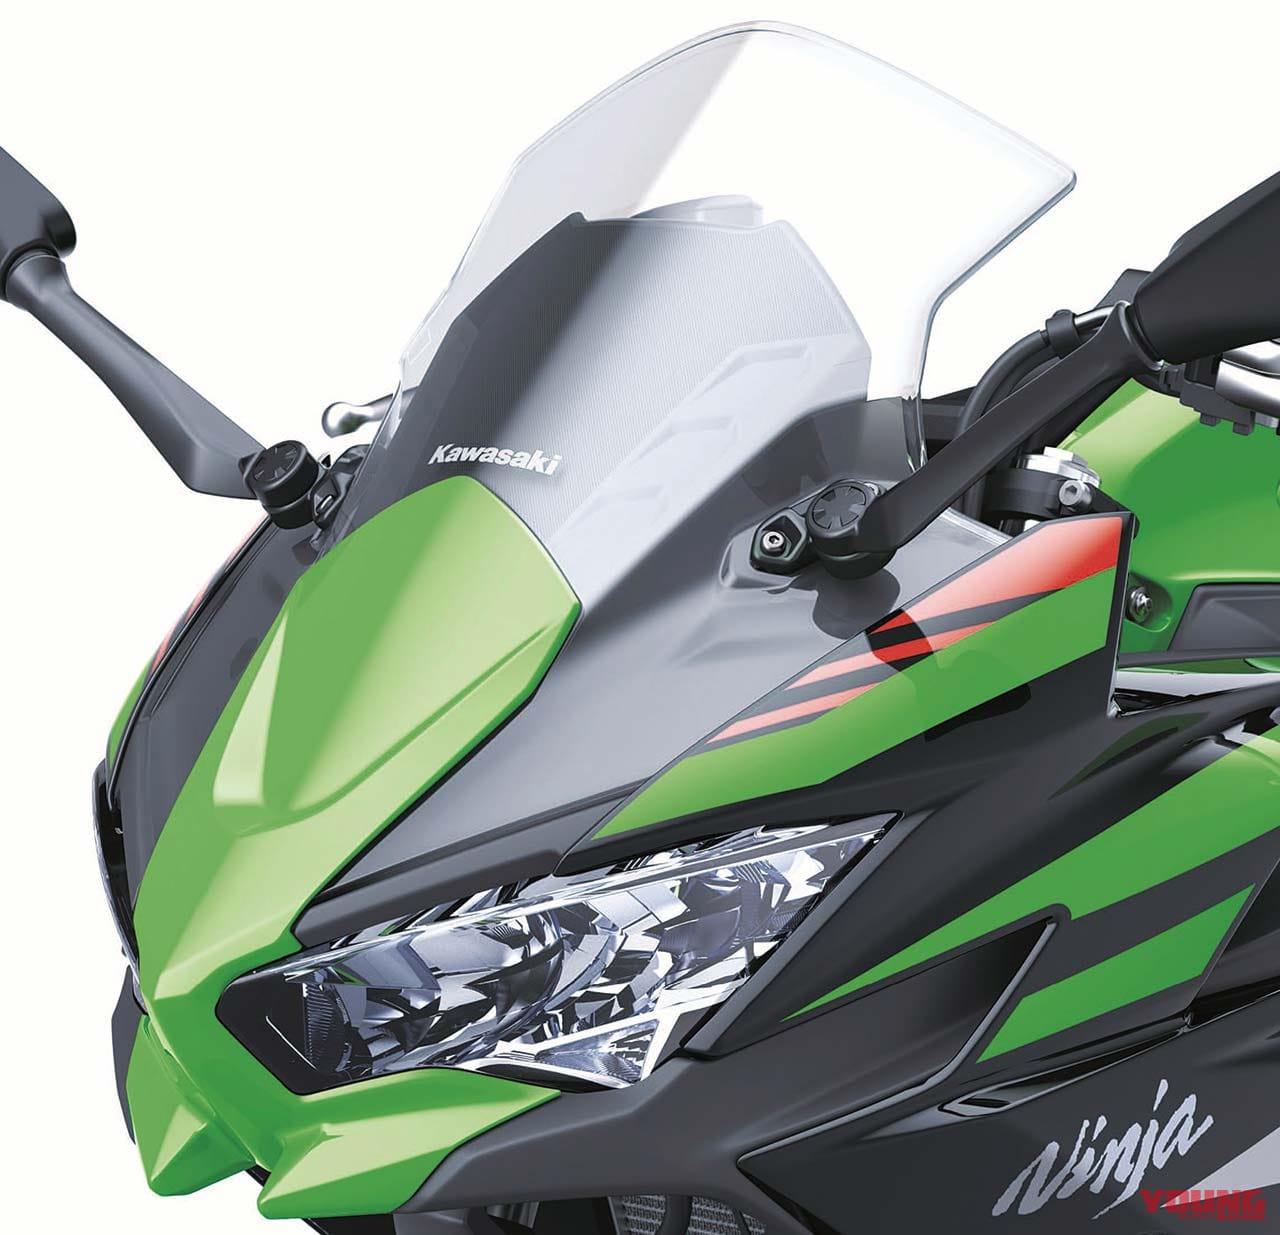 カワサキ Ninja650 KRT Edition